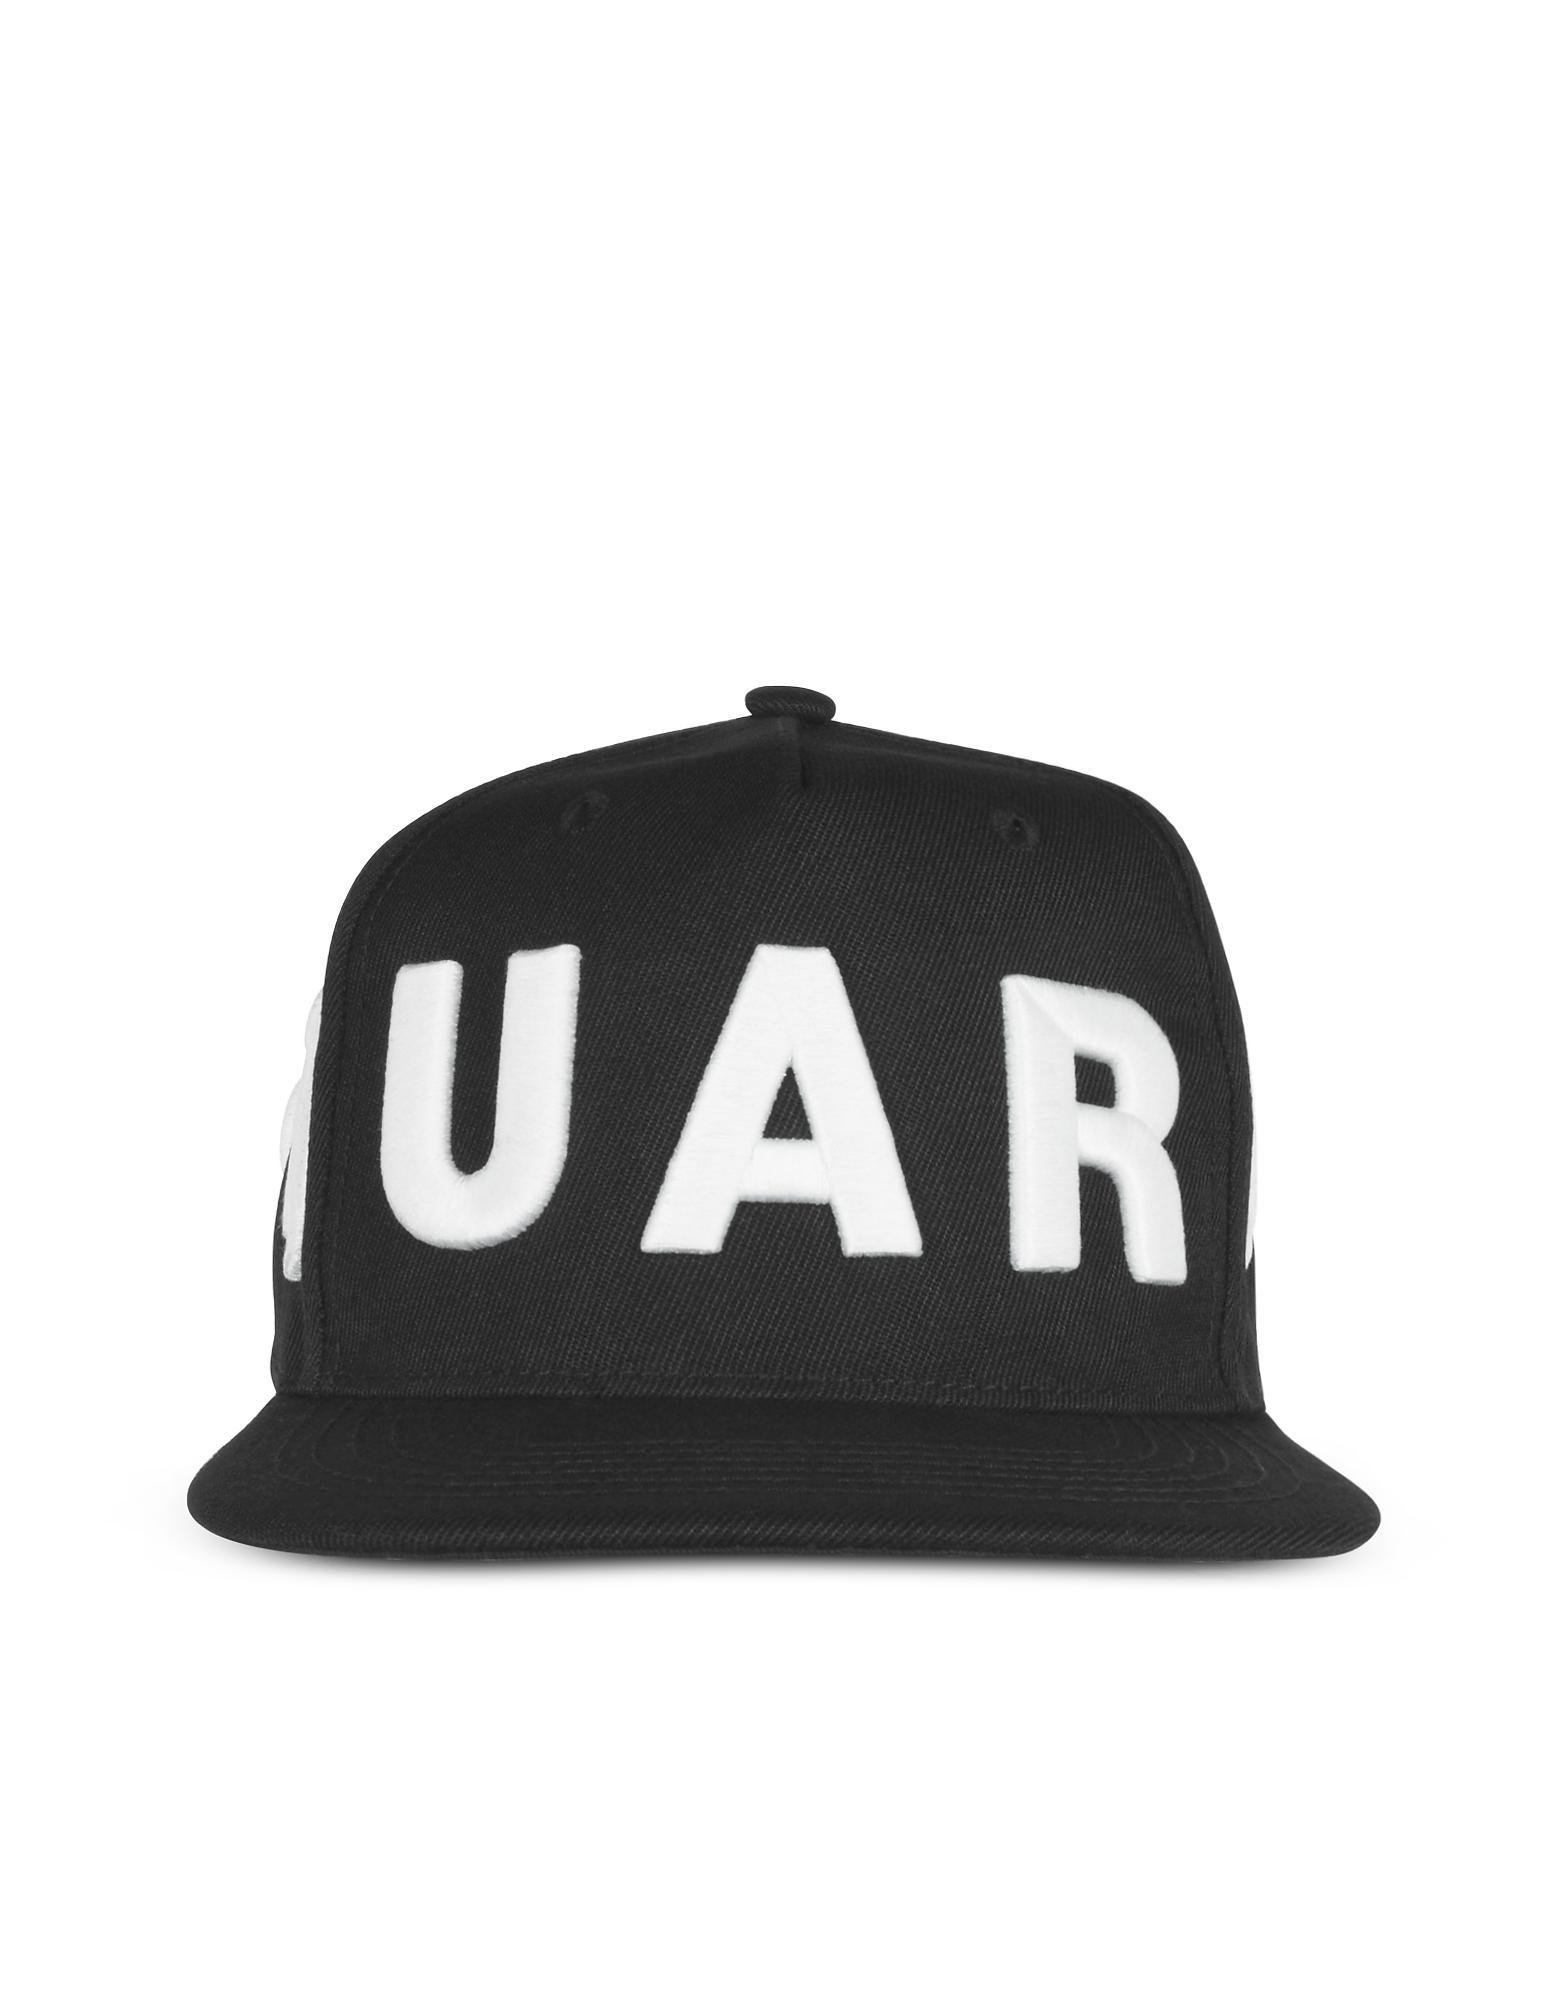 610e7410568e41 DSquared² D2 Black And White Baseball Cap in Black for Men - Lyst